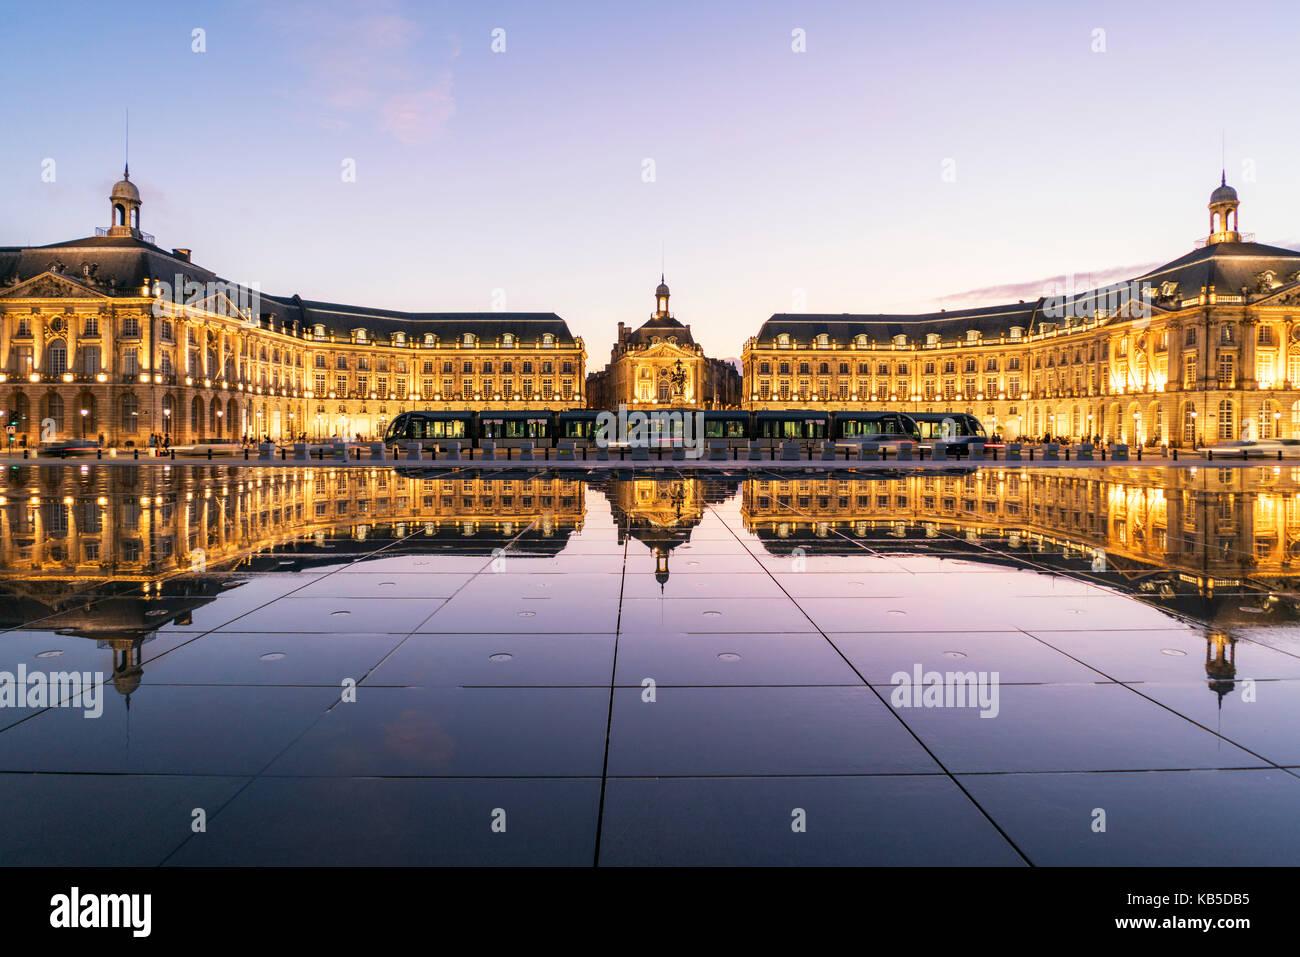 Place de la Bourse, Bordeaux, unesco-weltkulturerbe, Gironde, Aquitanien, Frankreich, Europa, Bordeaux, Frankreich Stockbild